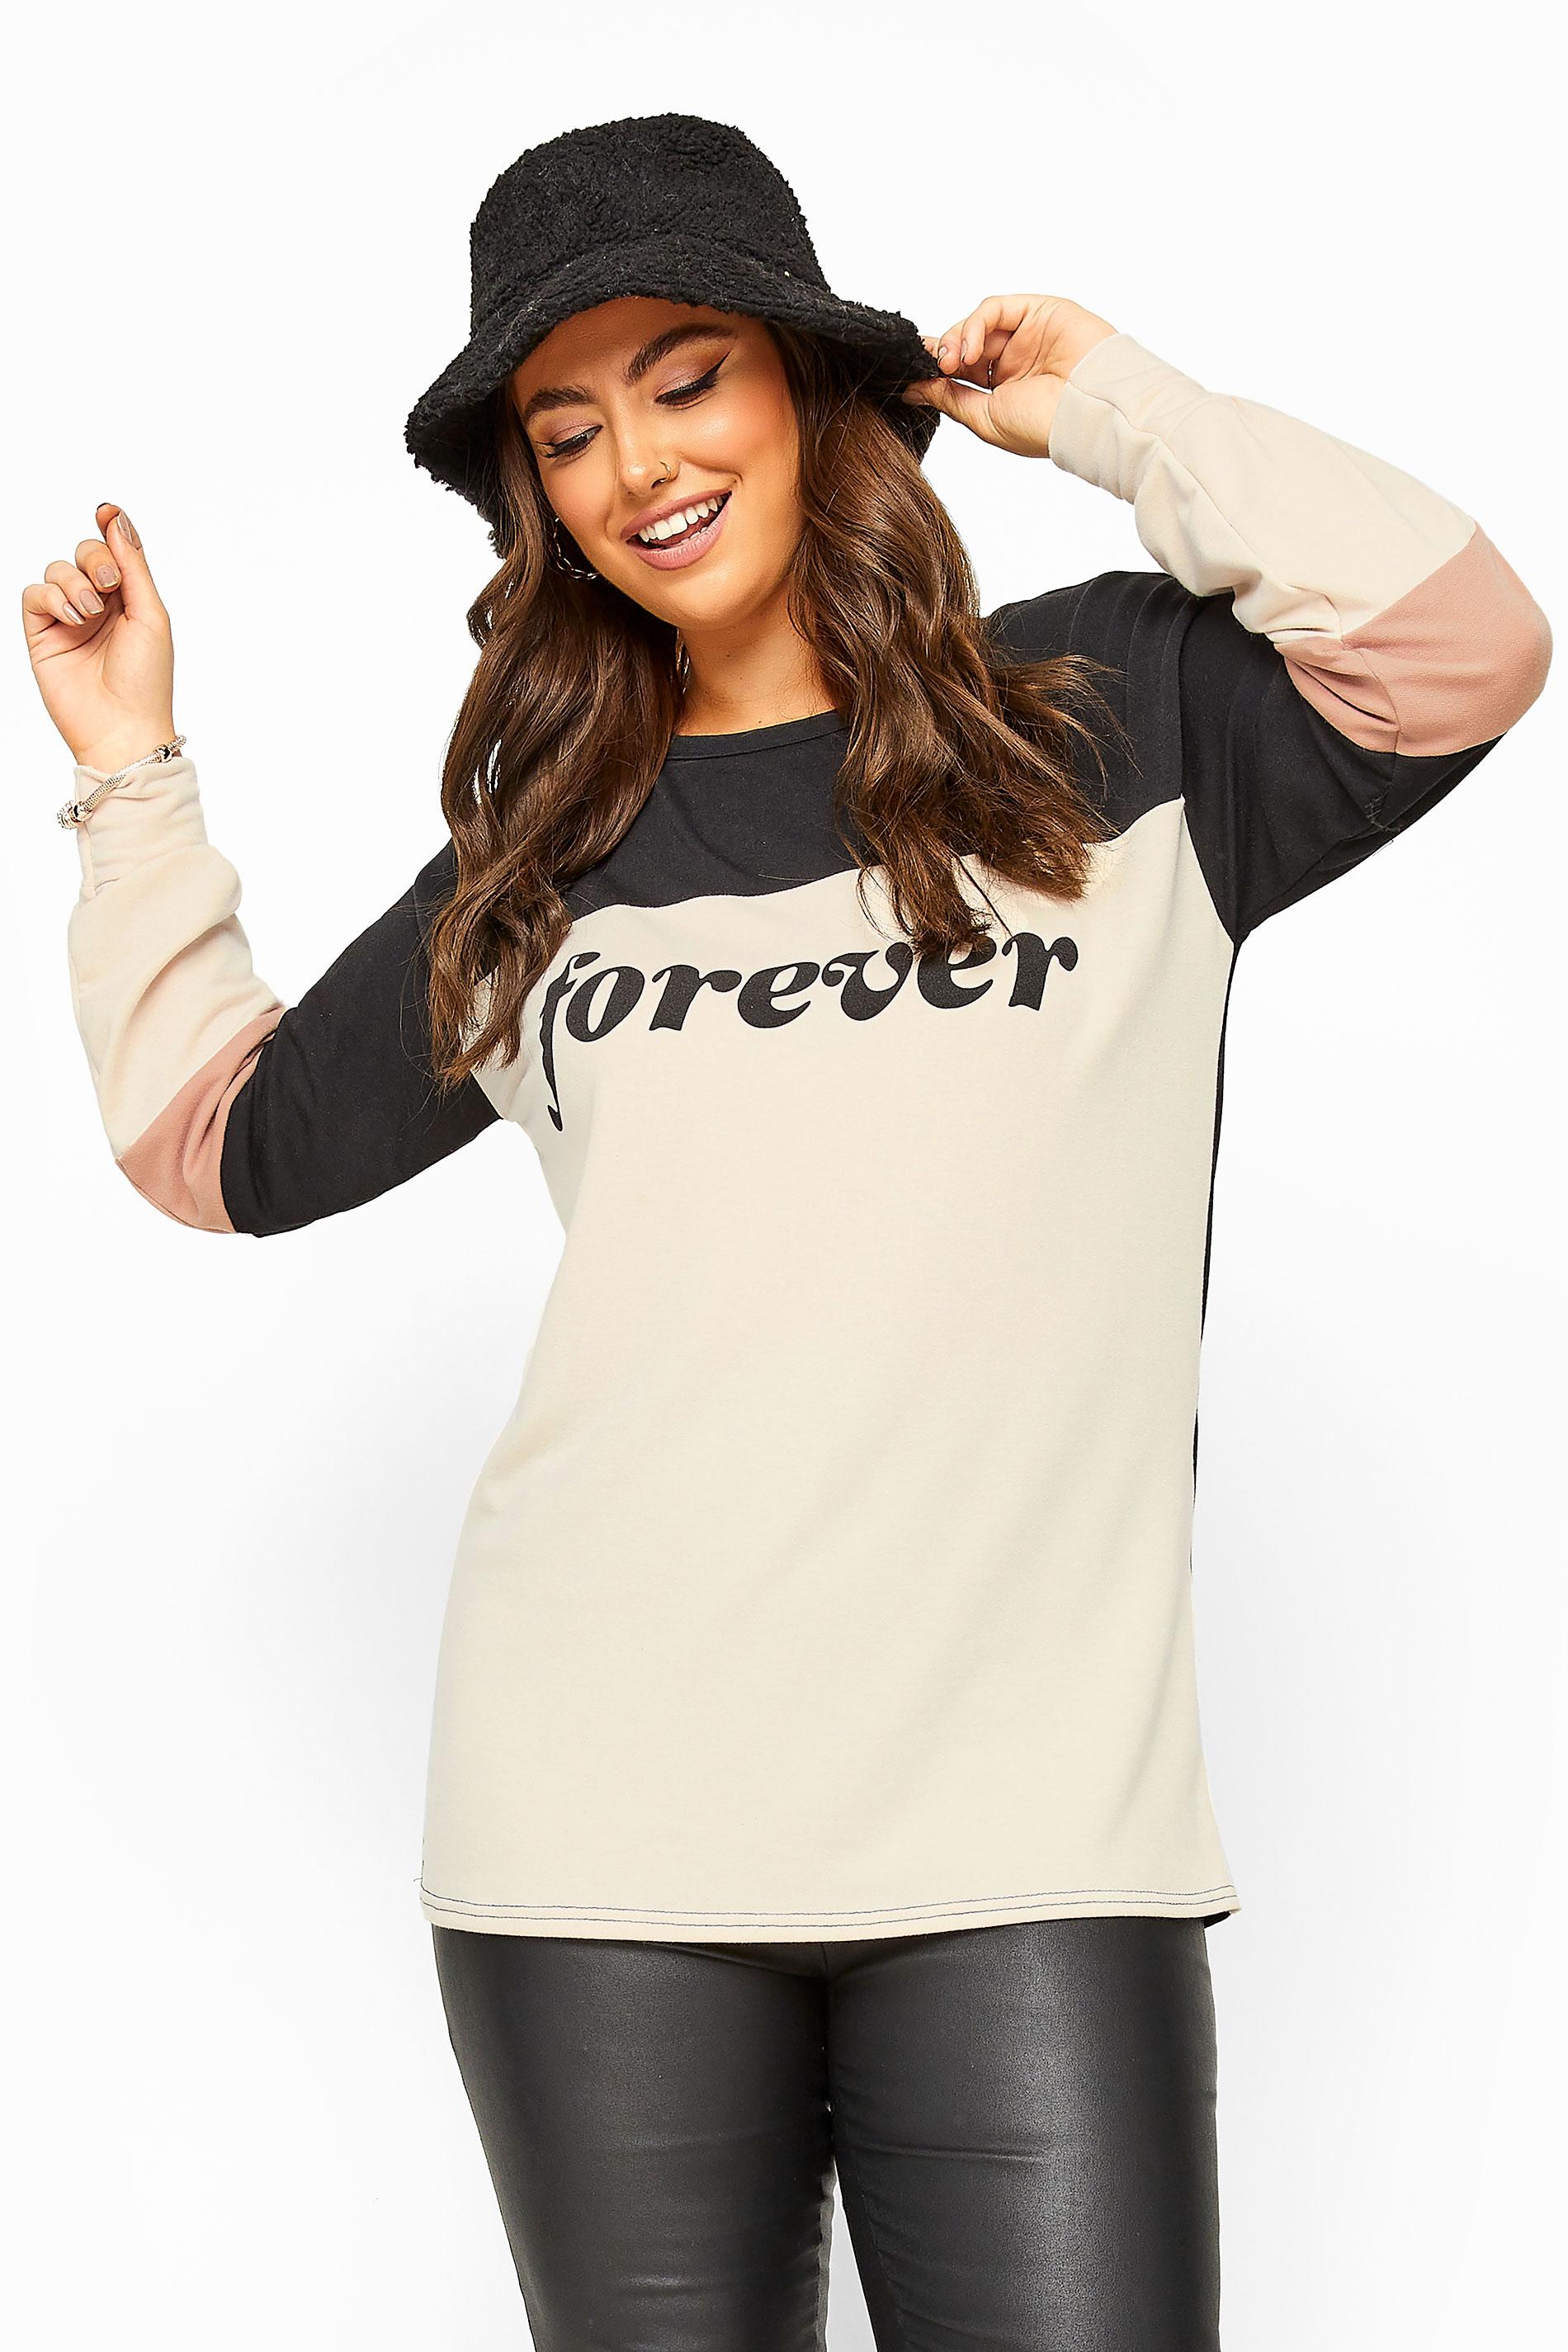 LIMITED COLLECTION - Sweatshirt met 'Forever' slogan in zwart-nude